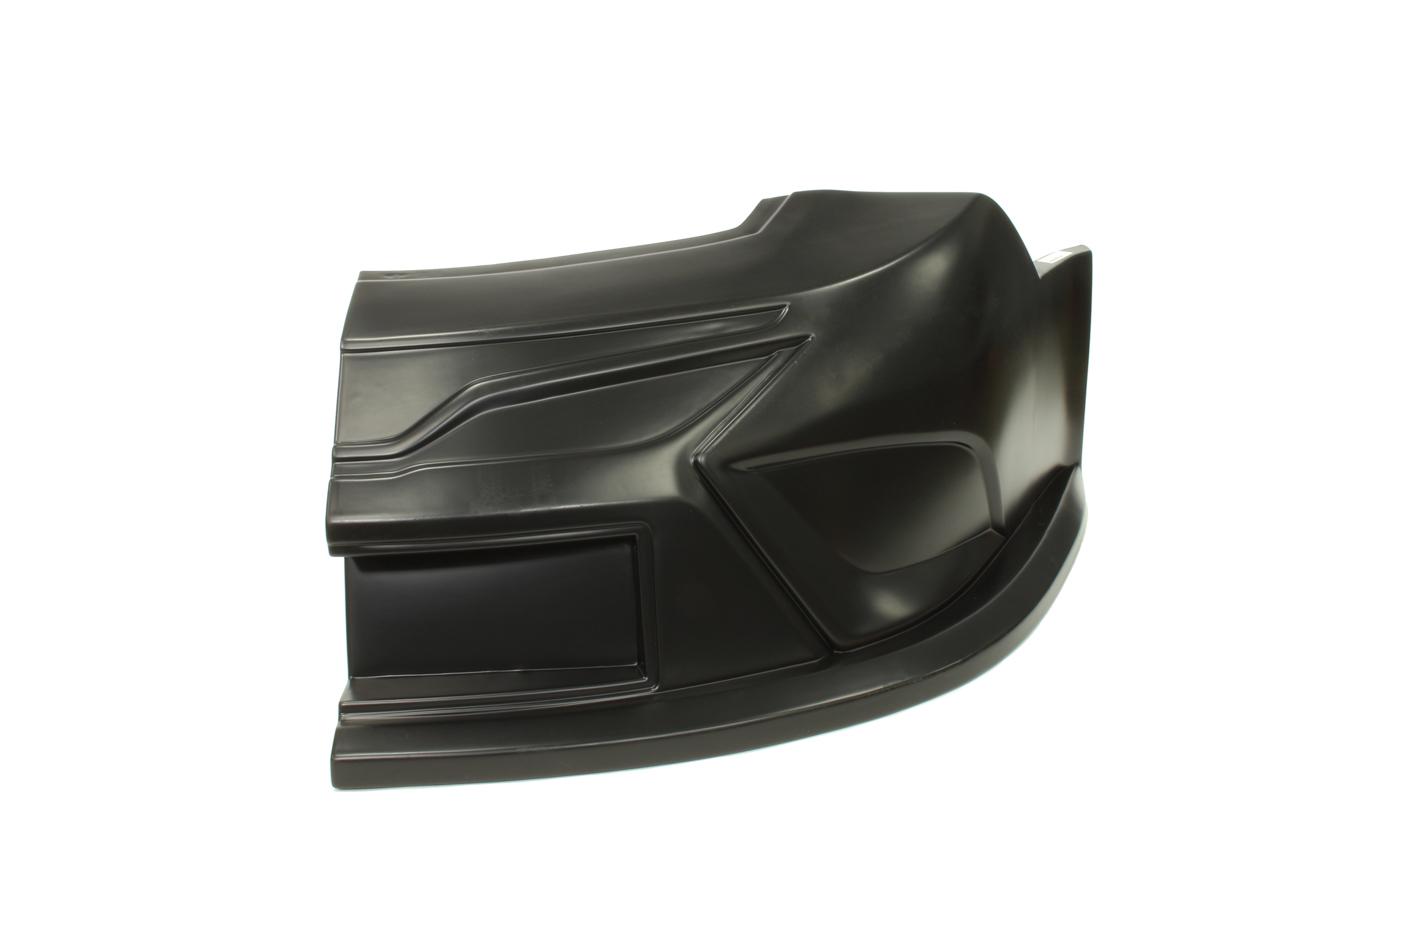 FIVESTAR 2019 LM Toyota Nose Plastic Black Left P/N -11712-41051-BL